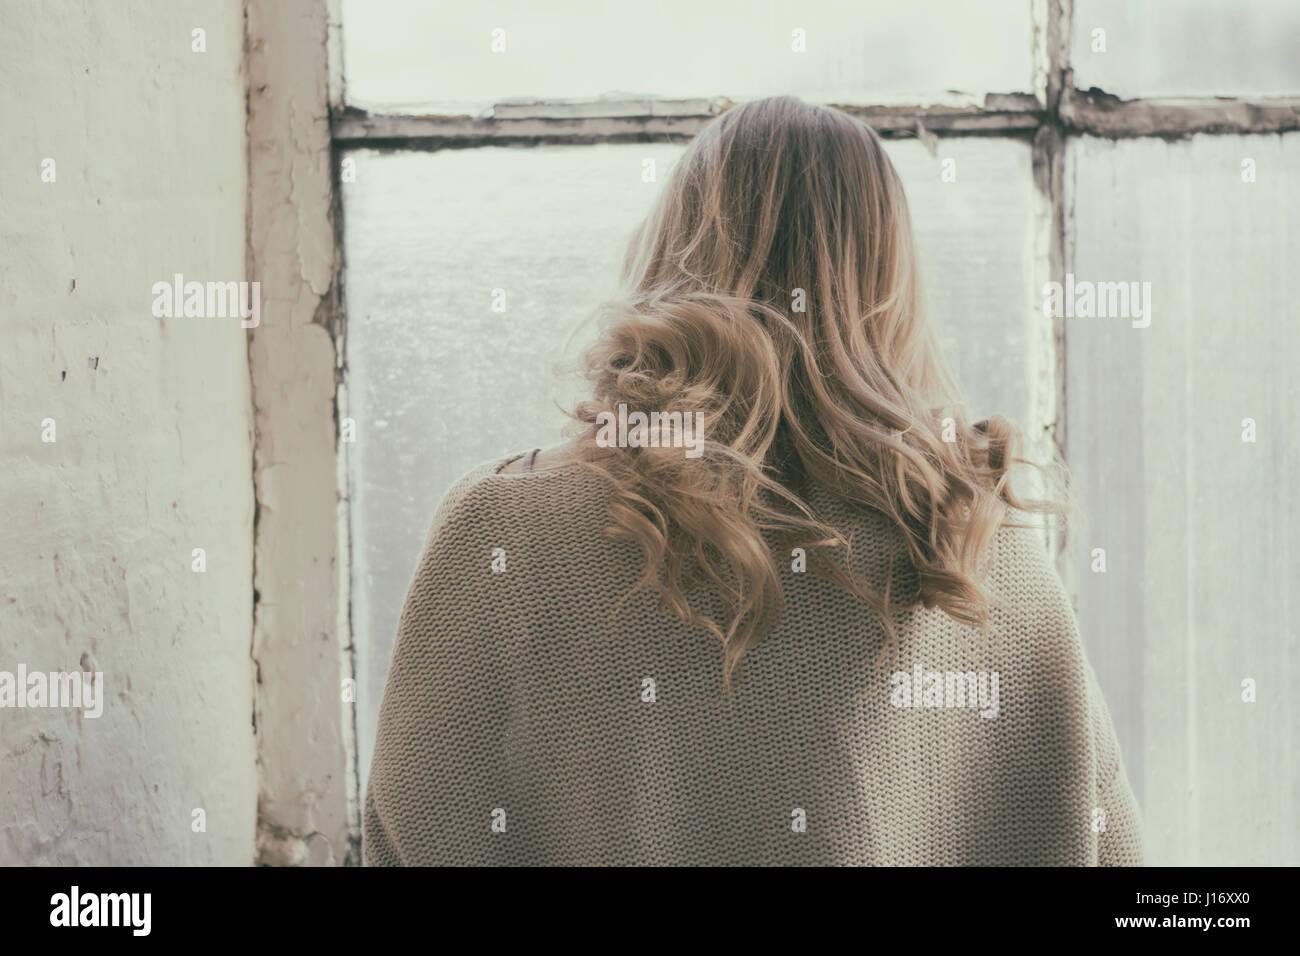 Vista trasera de una mujer rubia, de pie junto a la ventana Imagen De Stock